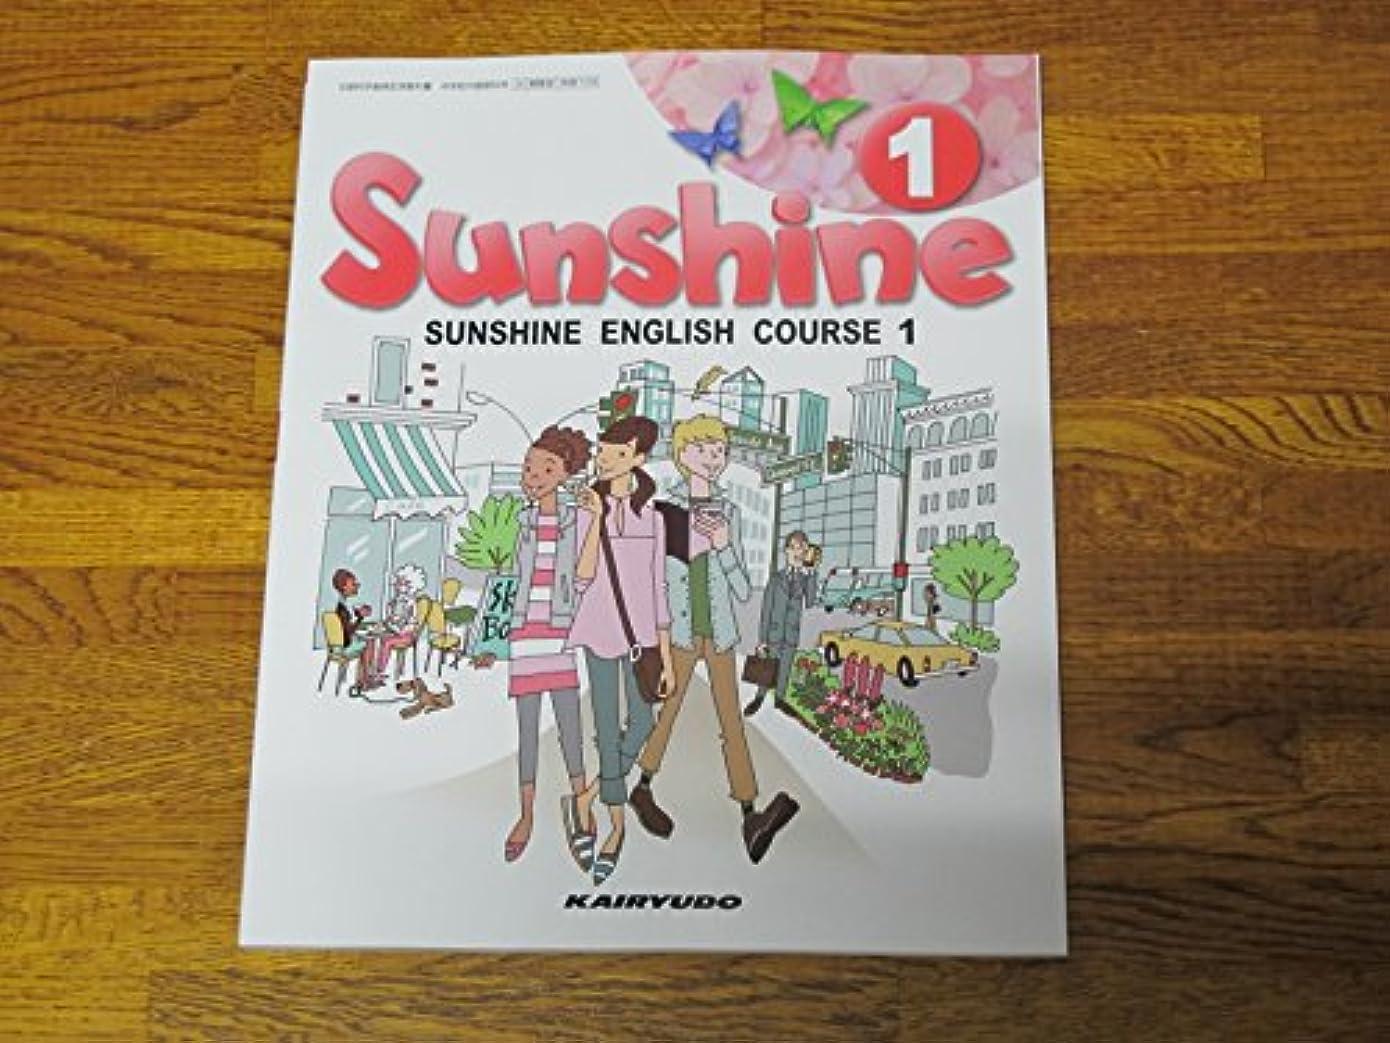 ストロークハリケーン保護ドットシール付き Sunshine 中学1年生英語教科書 (音声ペンが必要です。))